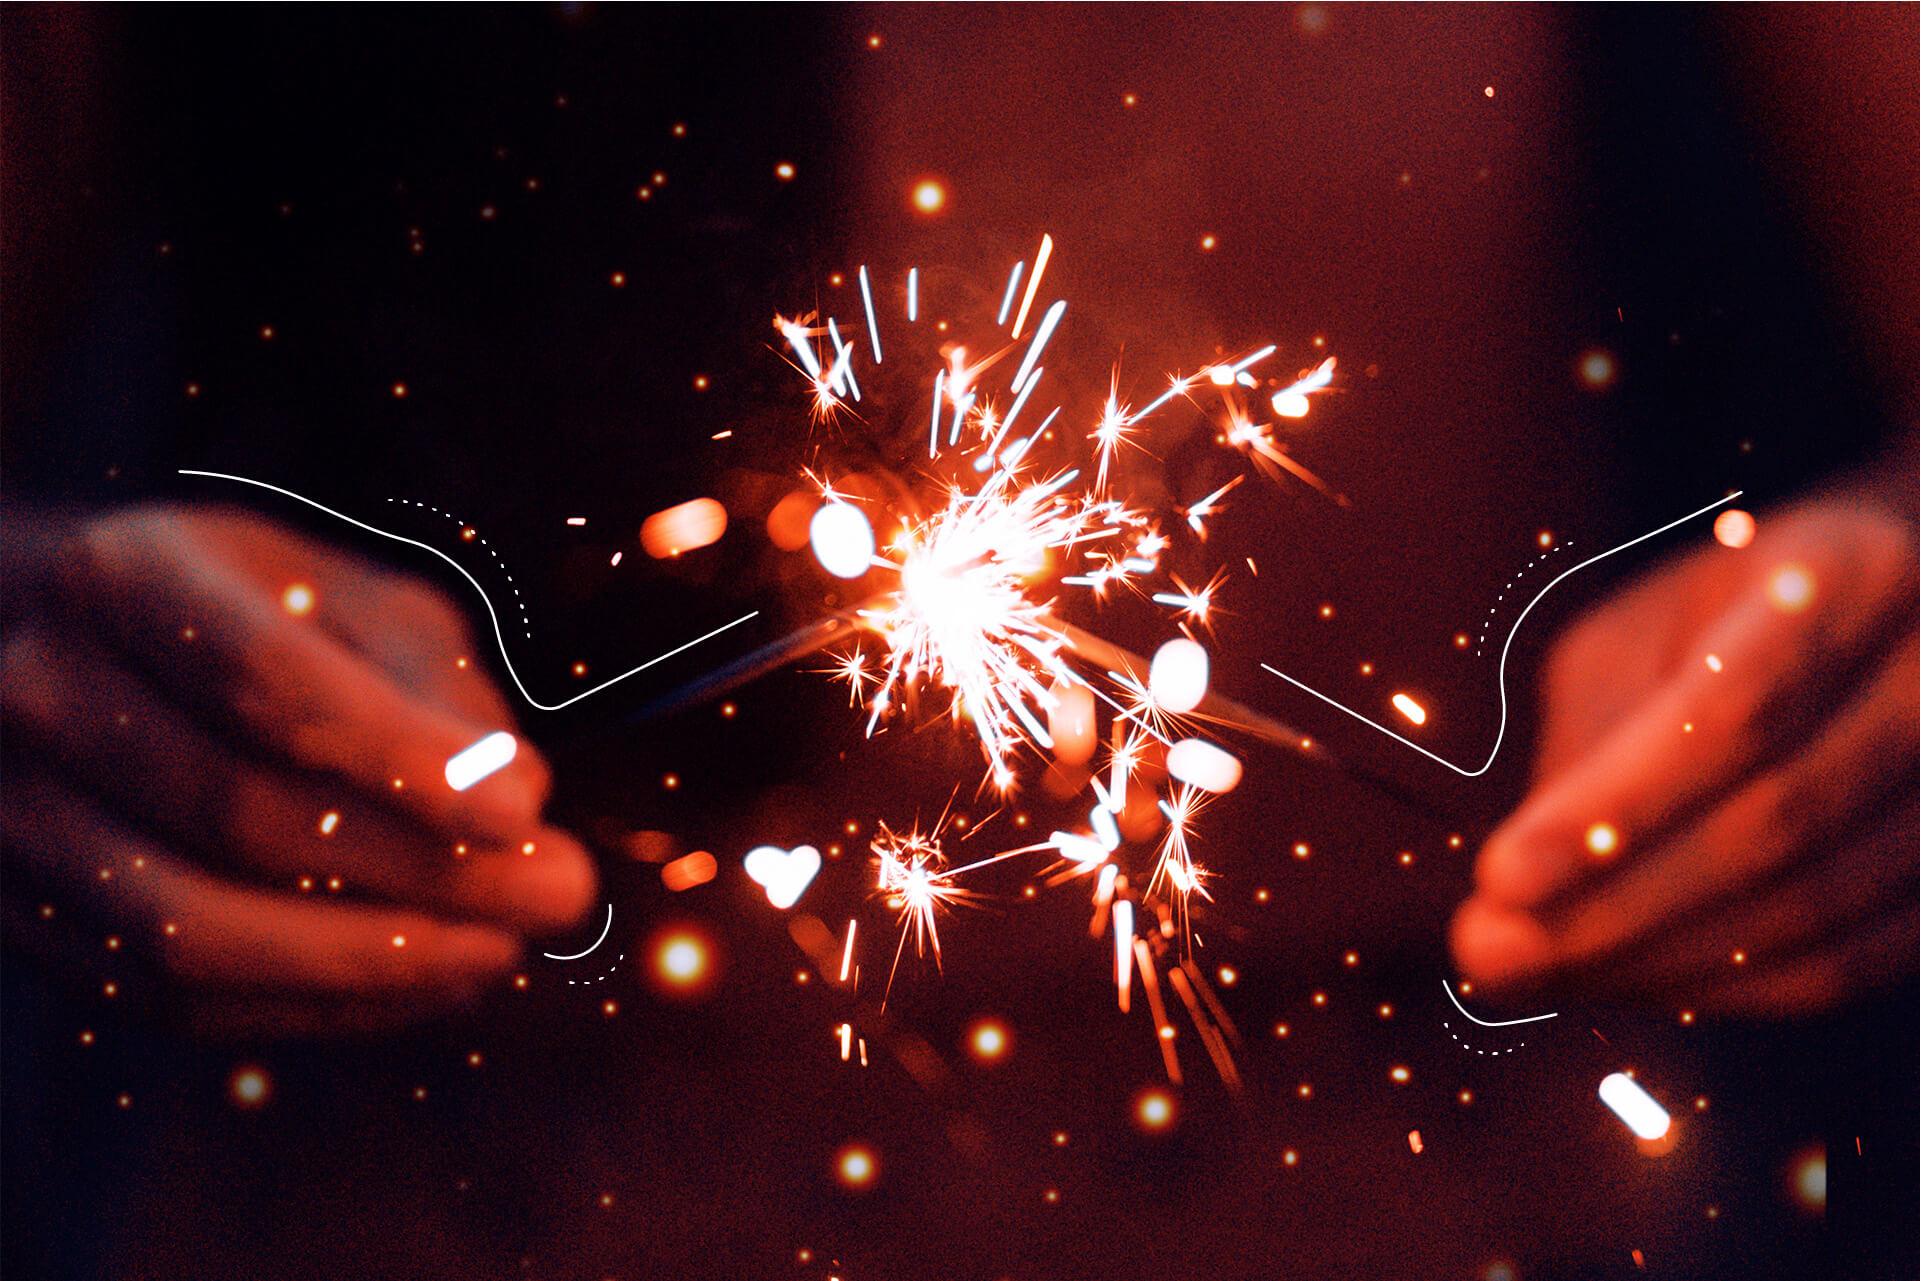 Zwei Hände die je eine Wunderkerze halten. | eggheads.net